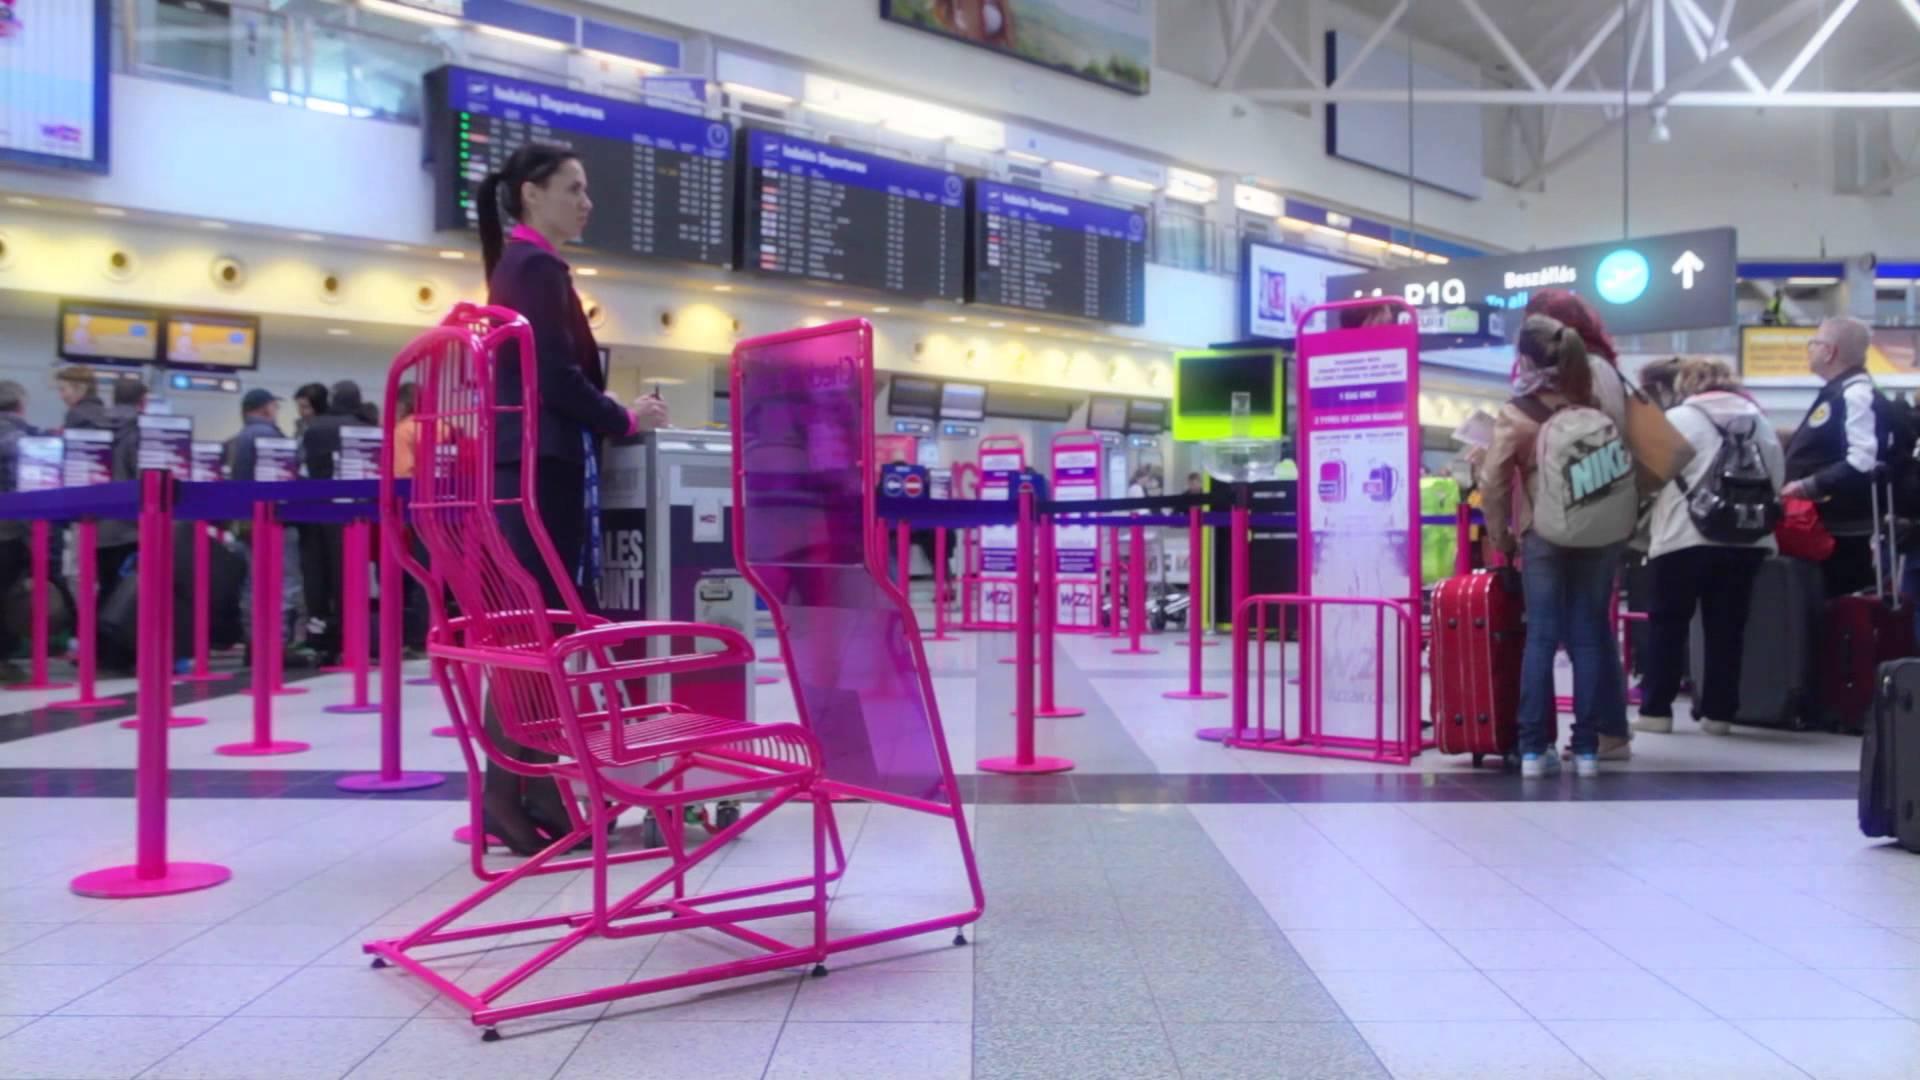 Wizz Air Noua Politică De Bagaje A Intrat în Vigoare Europa Fm